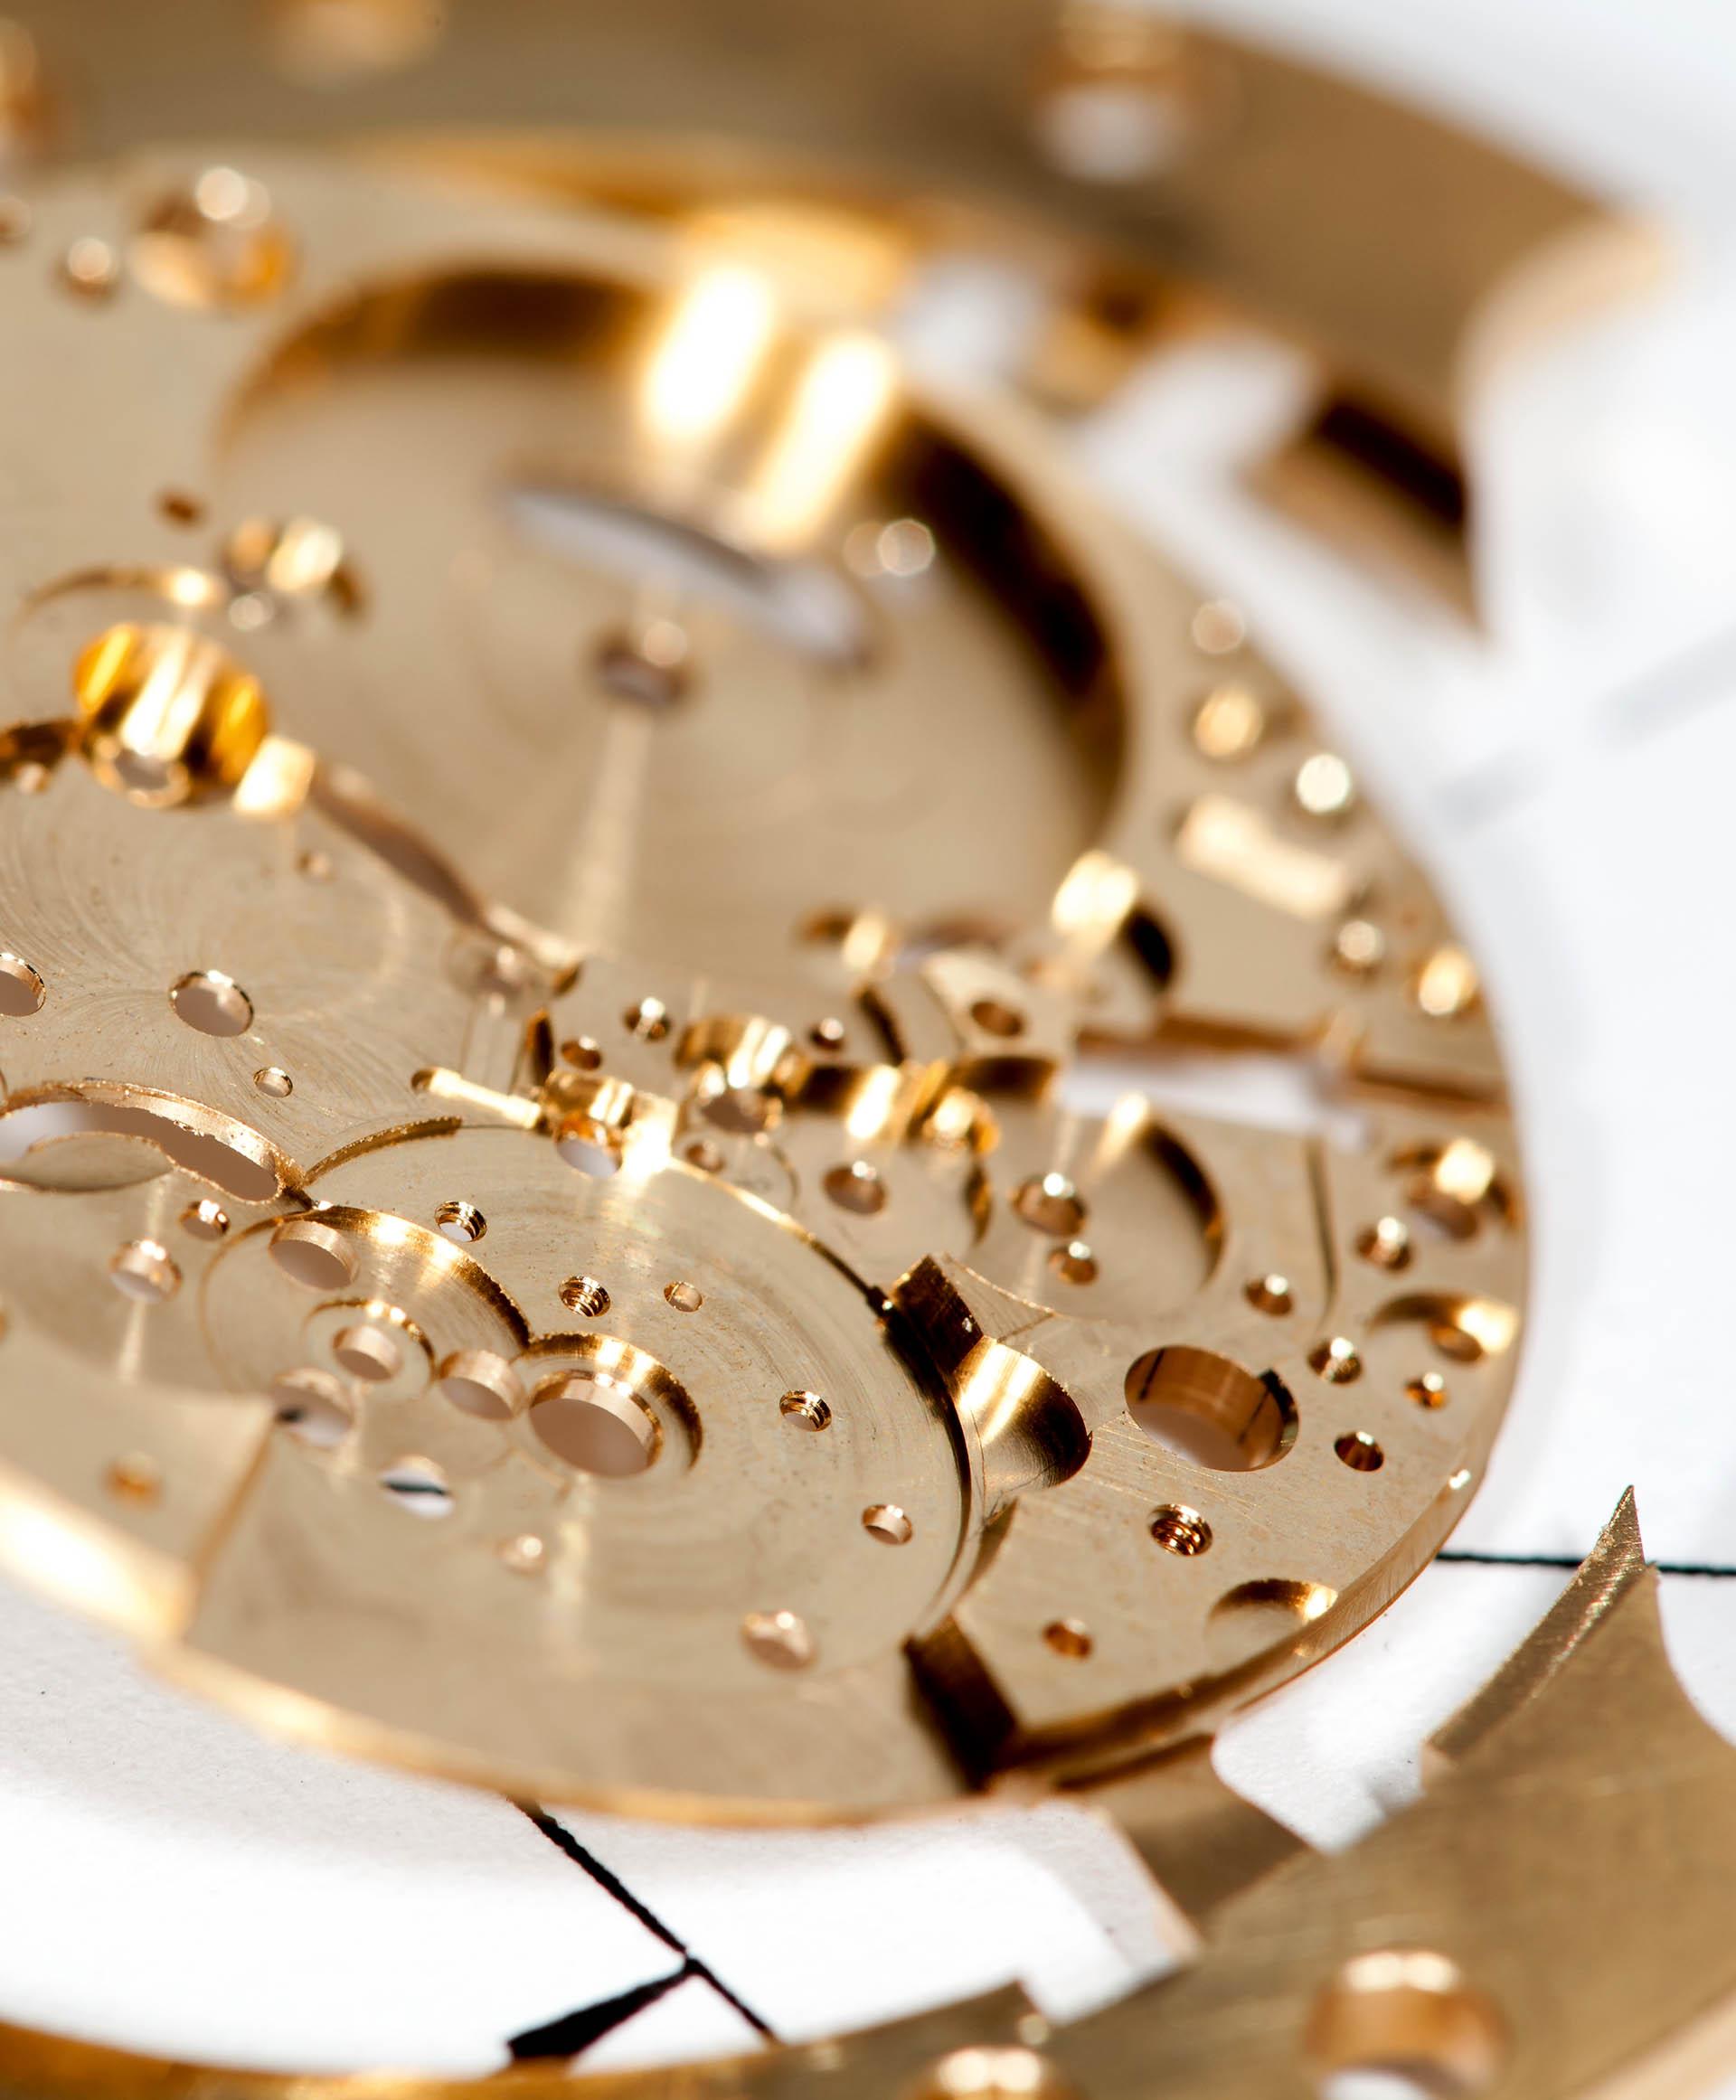 Platine eines mechanischen Uhrwerks.